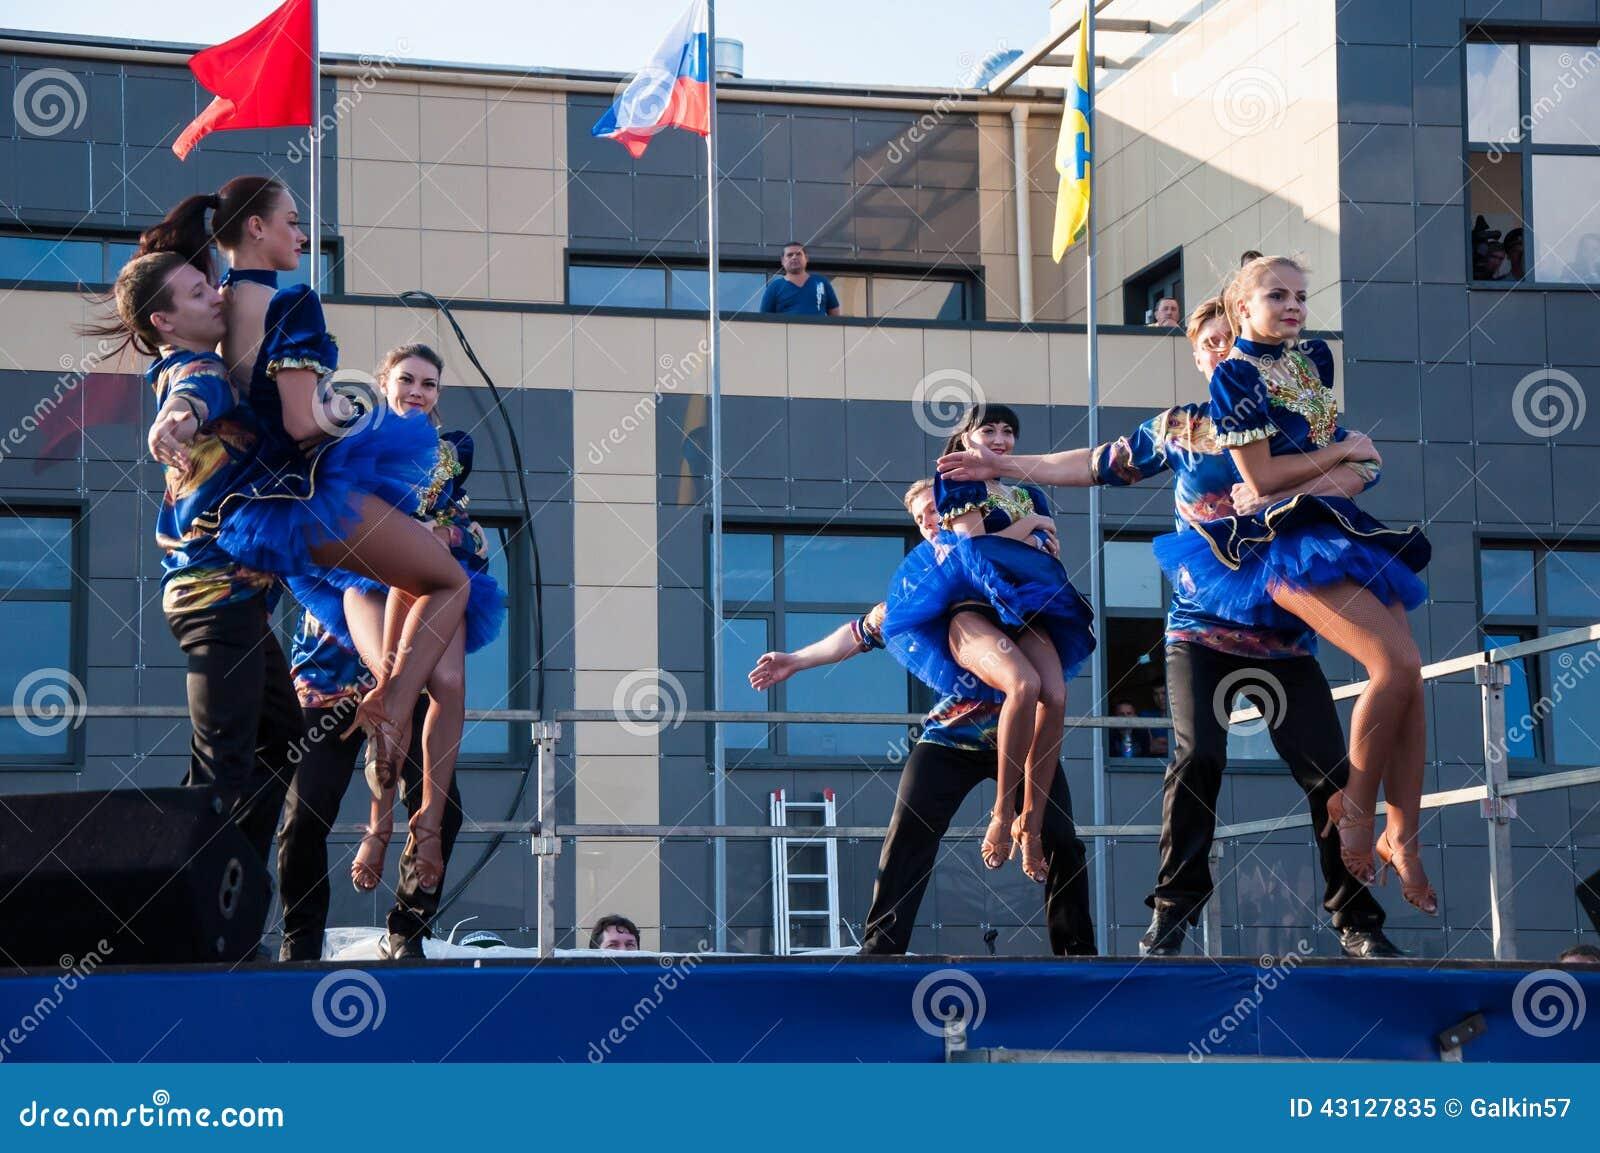 Ο ρωσικός λαϊκός χορός εκτελείται στο ανοιχτό ουρανό